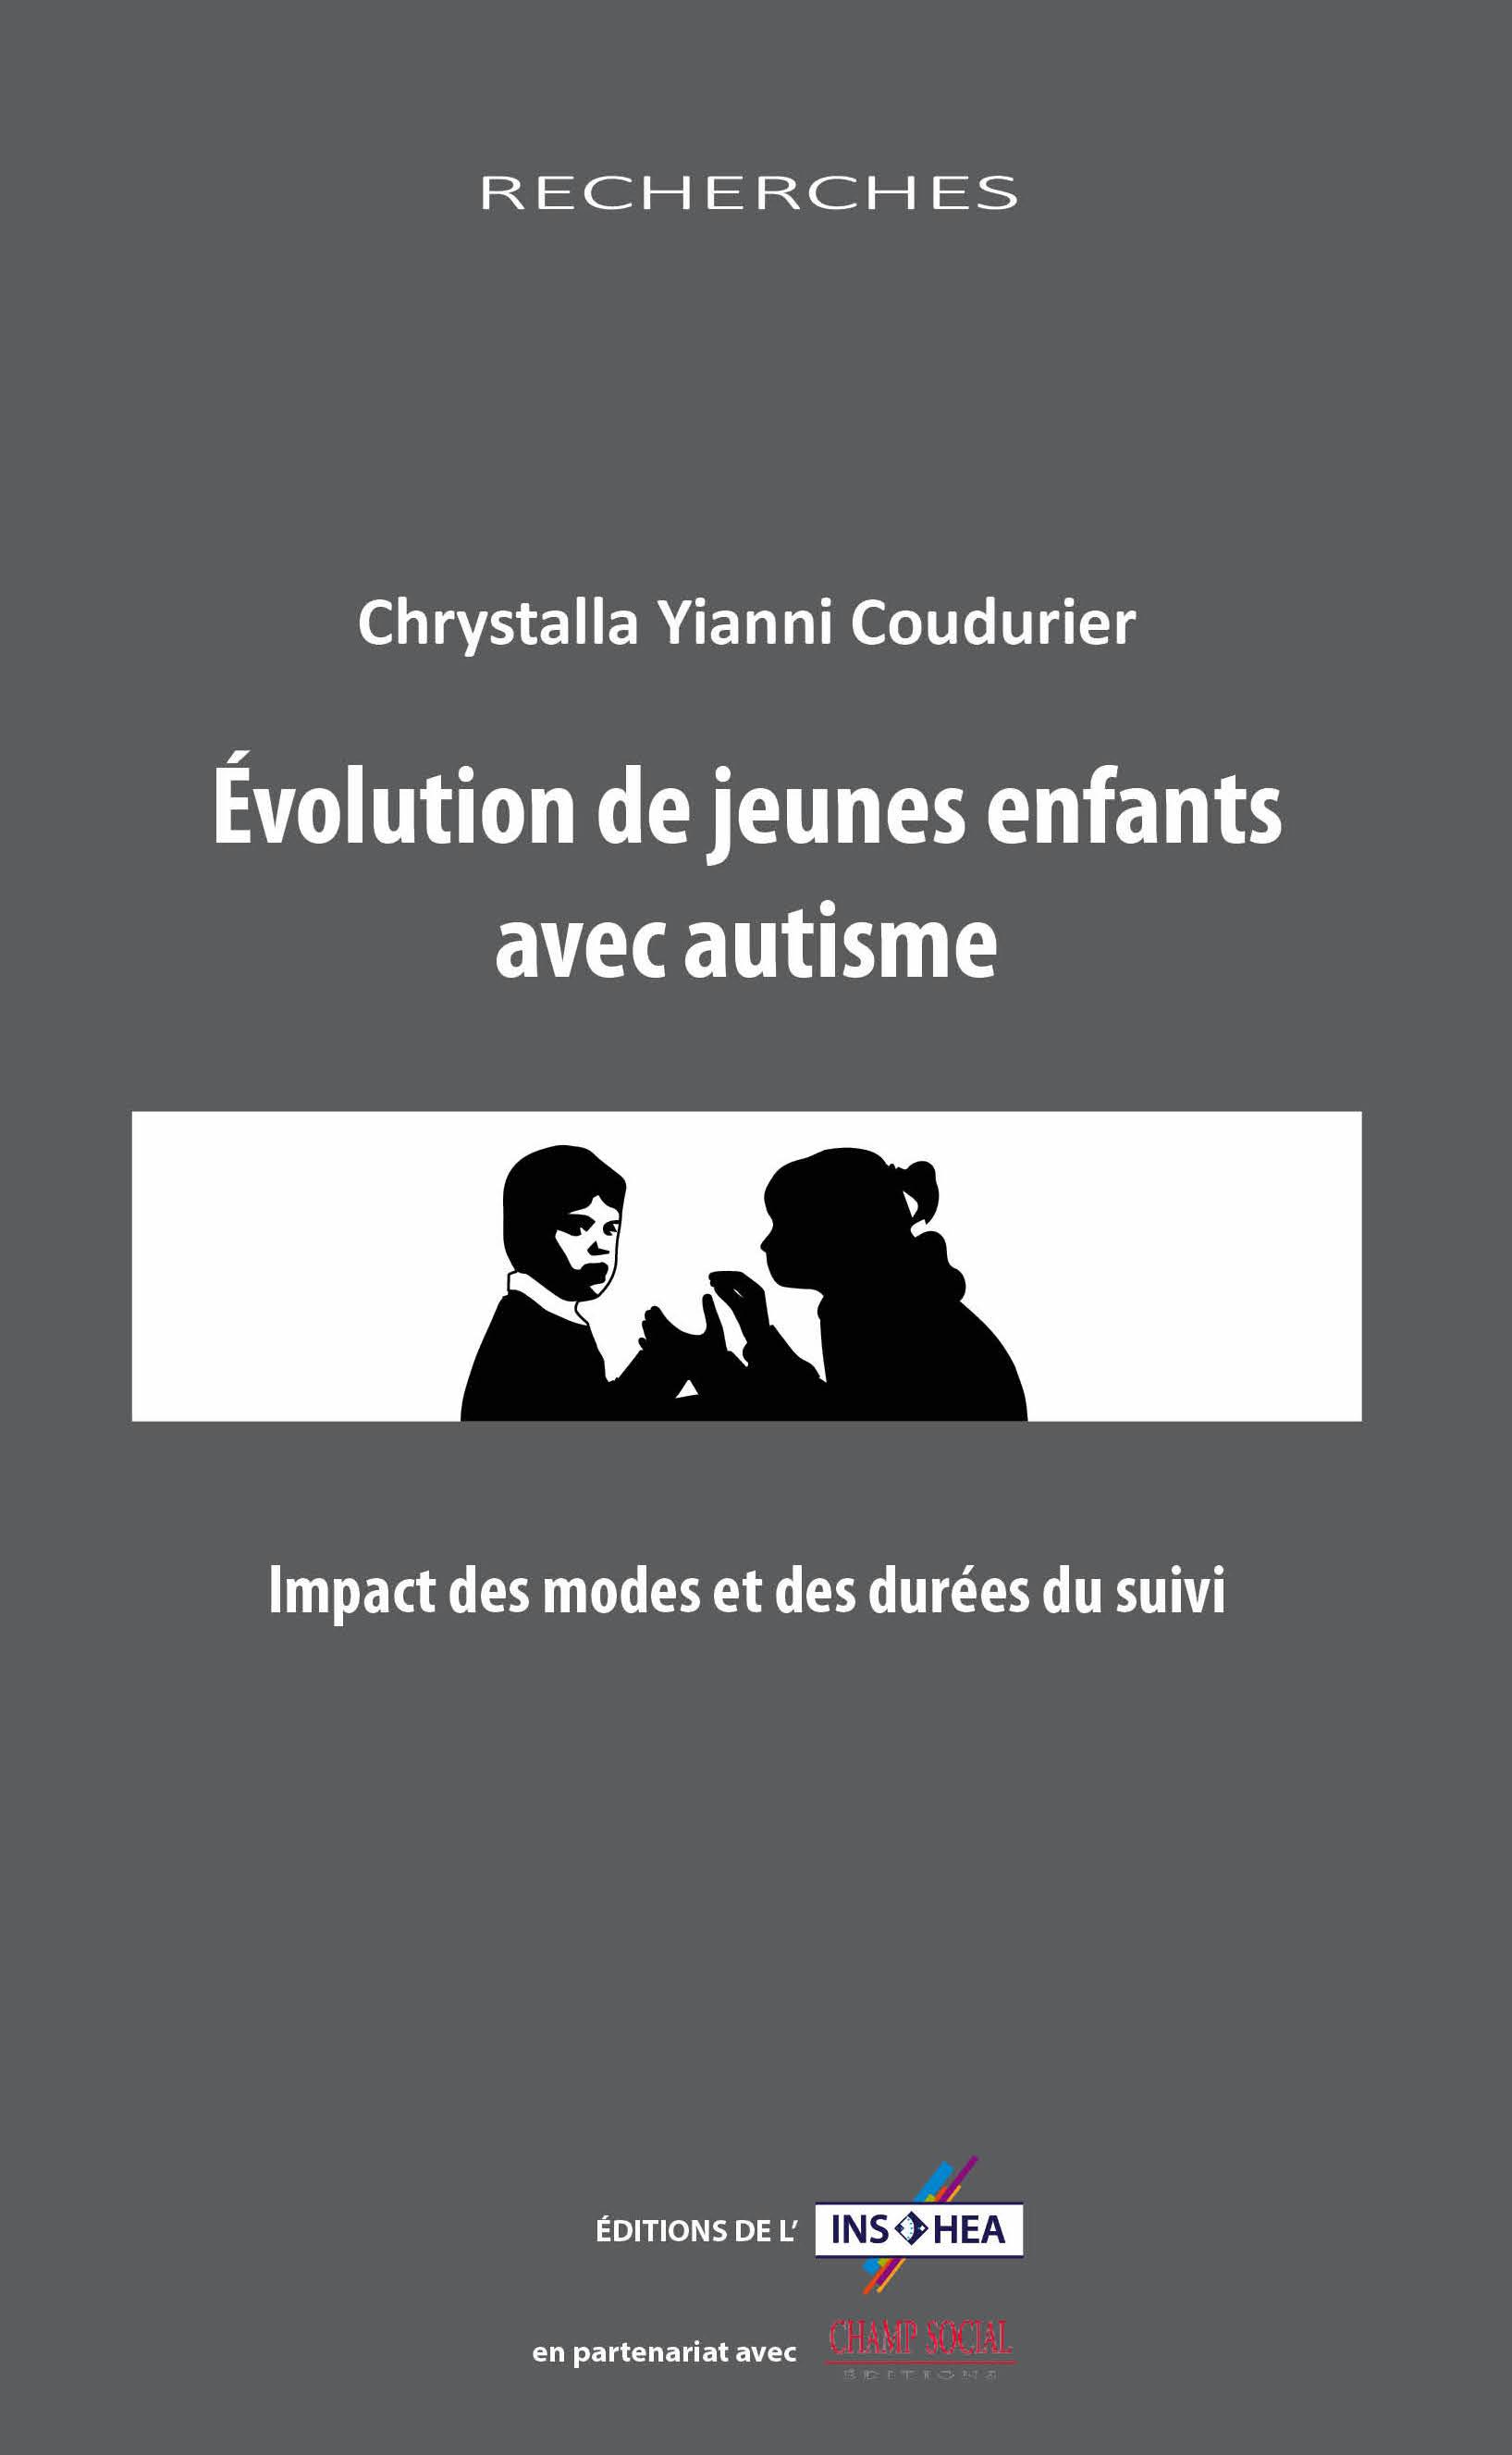 """Couverture de l'ouvrage de Chrystalla Yianni Coudurier : """"Évolution de jeunes enfants avec autisme"""""""